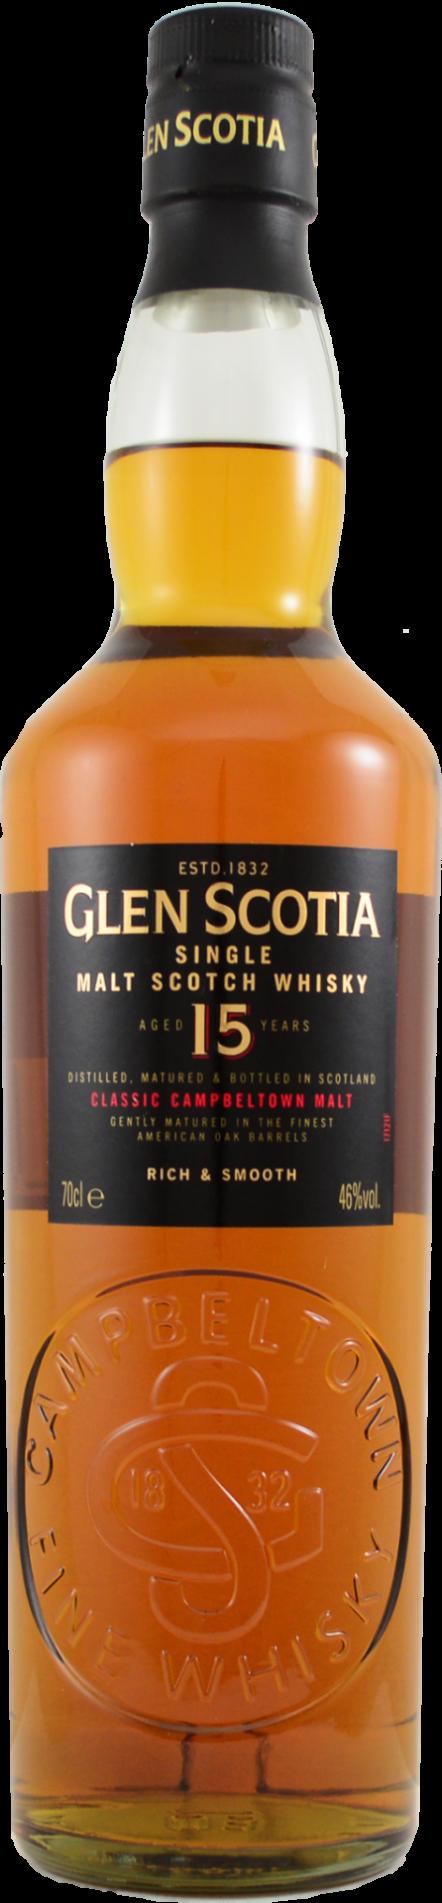 Botella Glen Scotia 15 años